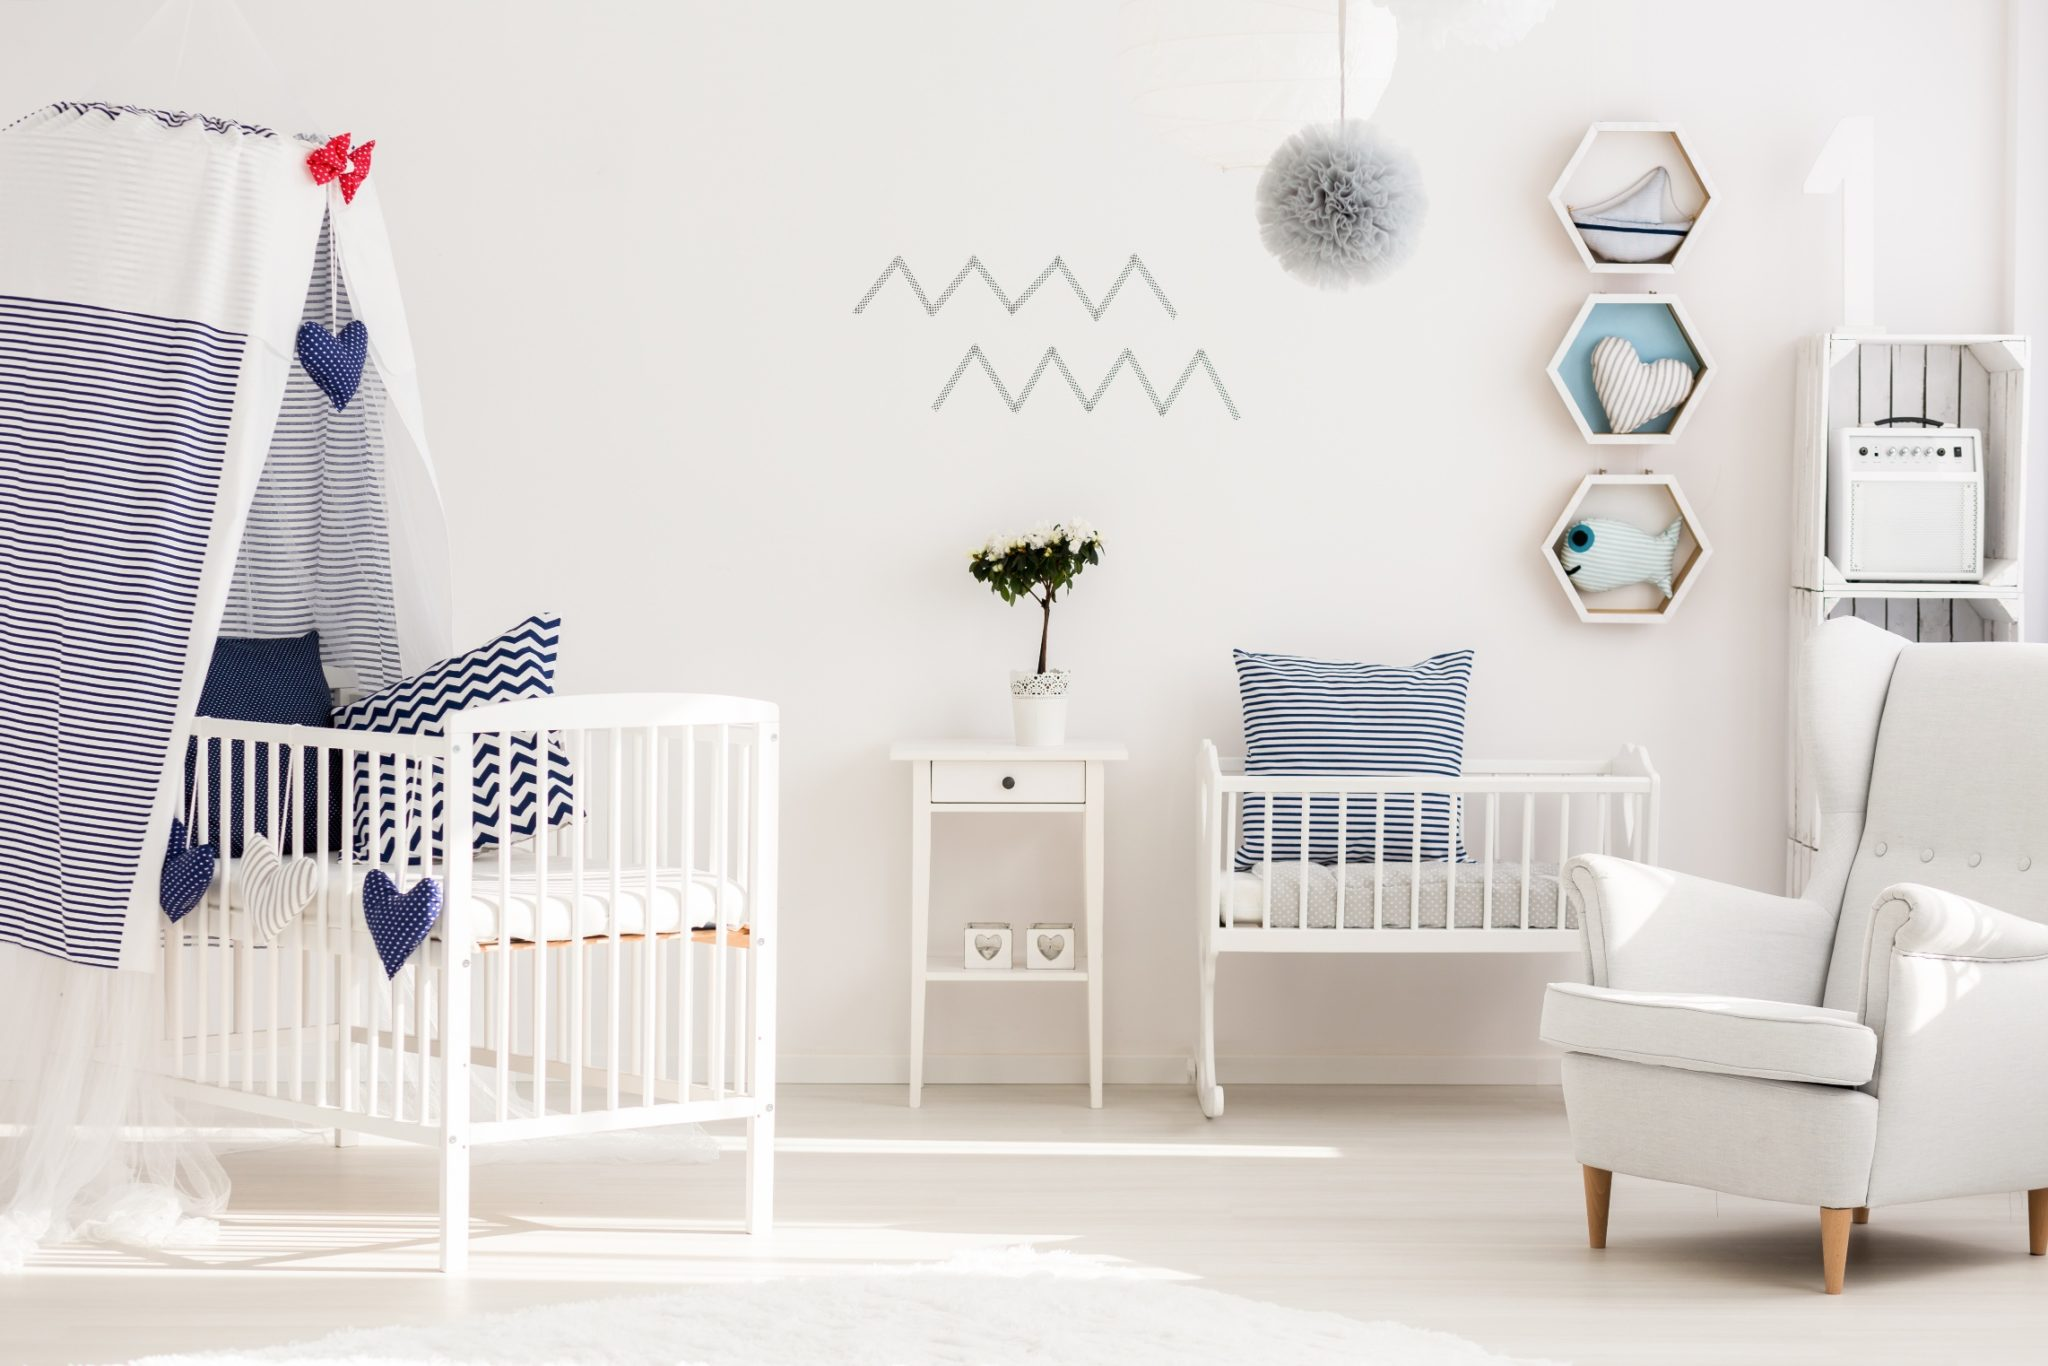 debabykamer.nl - accessoires, decoratie, meubels en verzorging, Deco ideeën